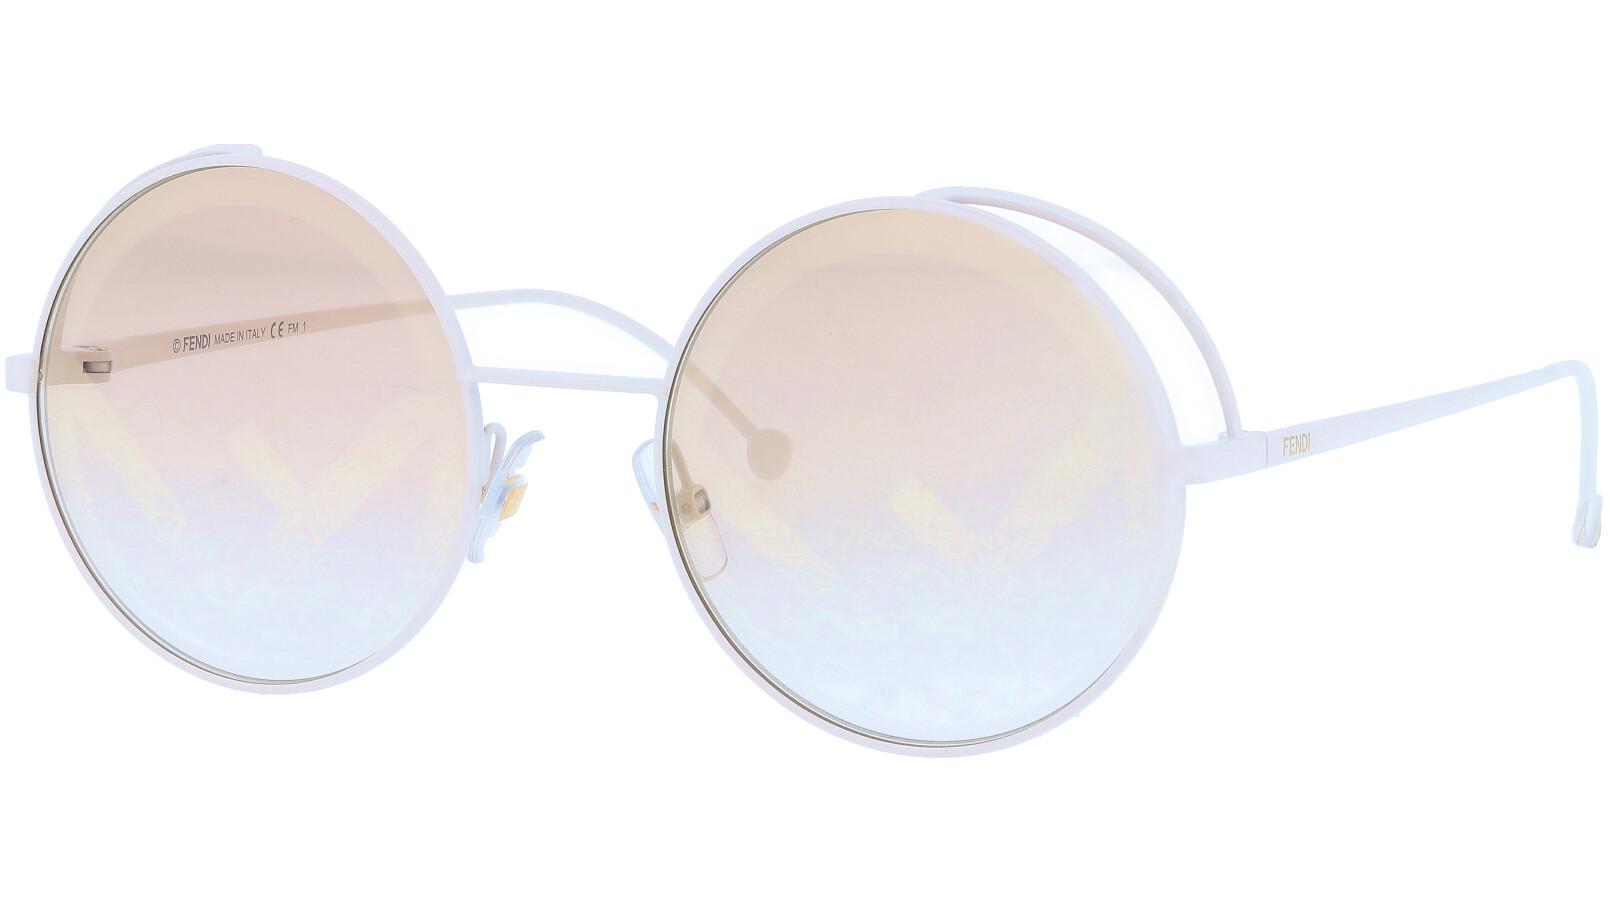 FENDI FF0343/S VK6EB 53 White Round Sunglasses